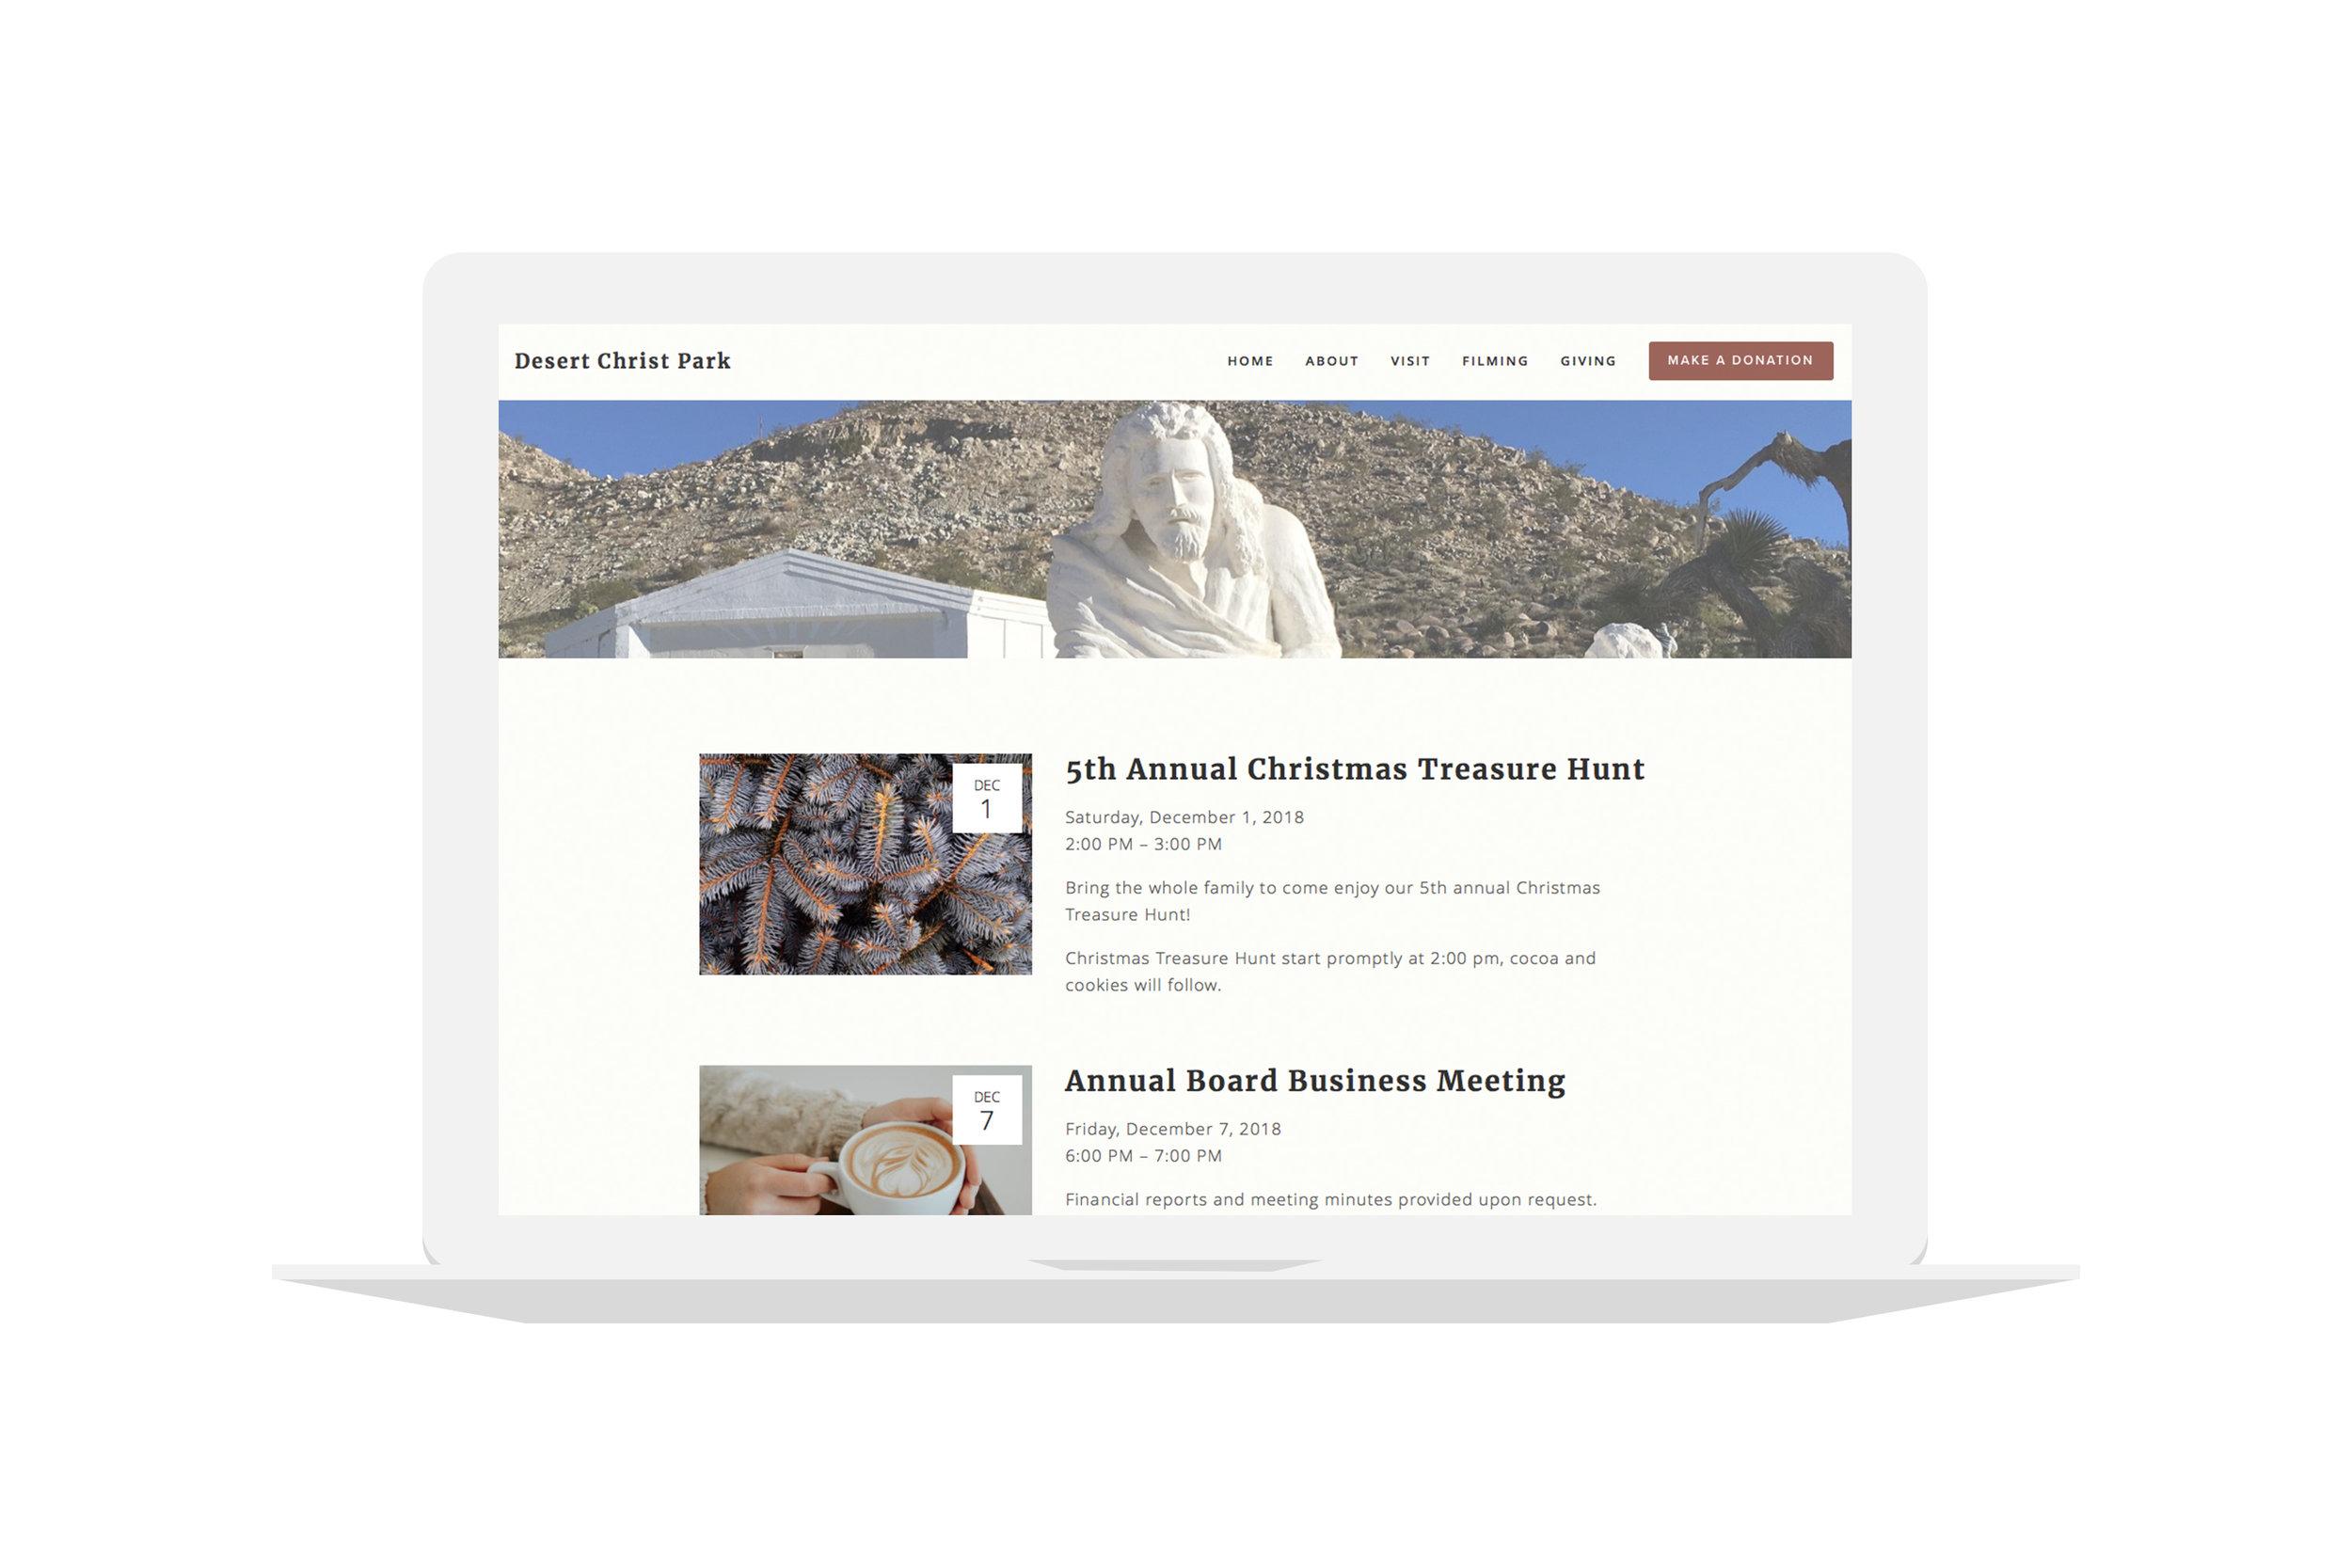 DesertChristPark-website-events.jpg